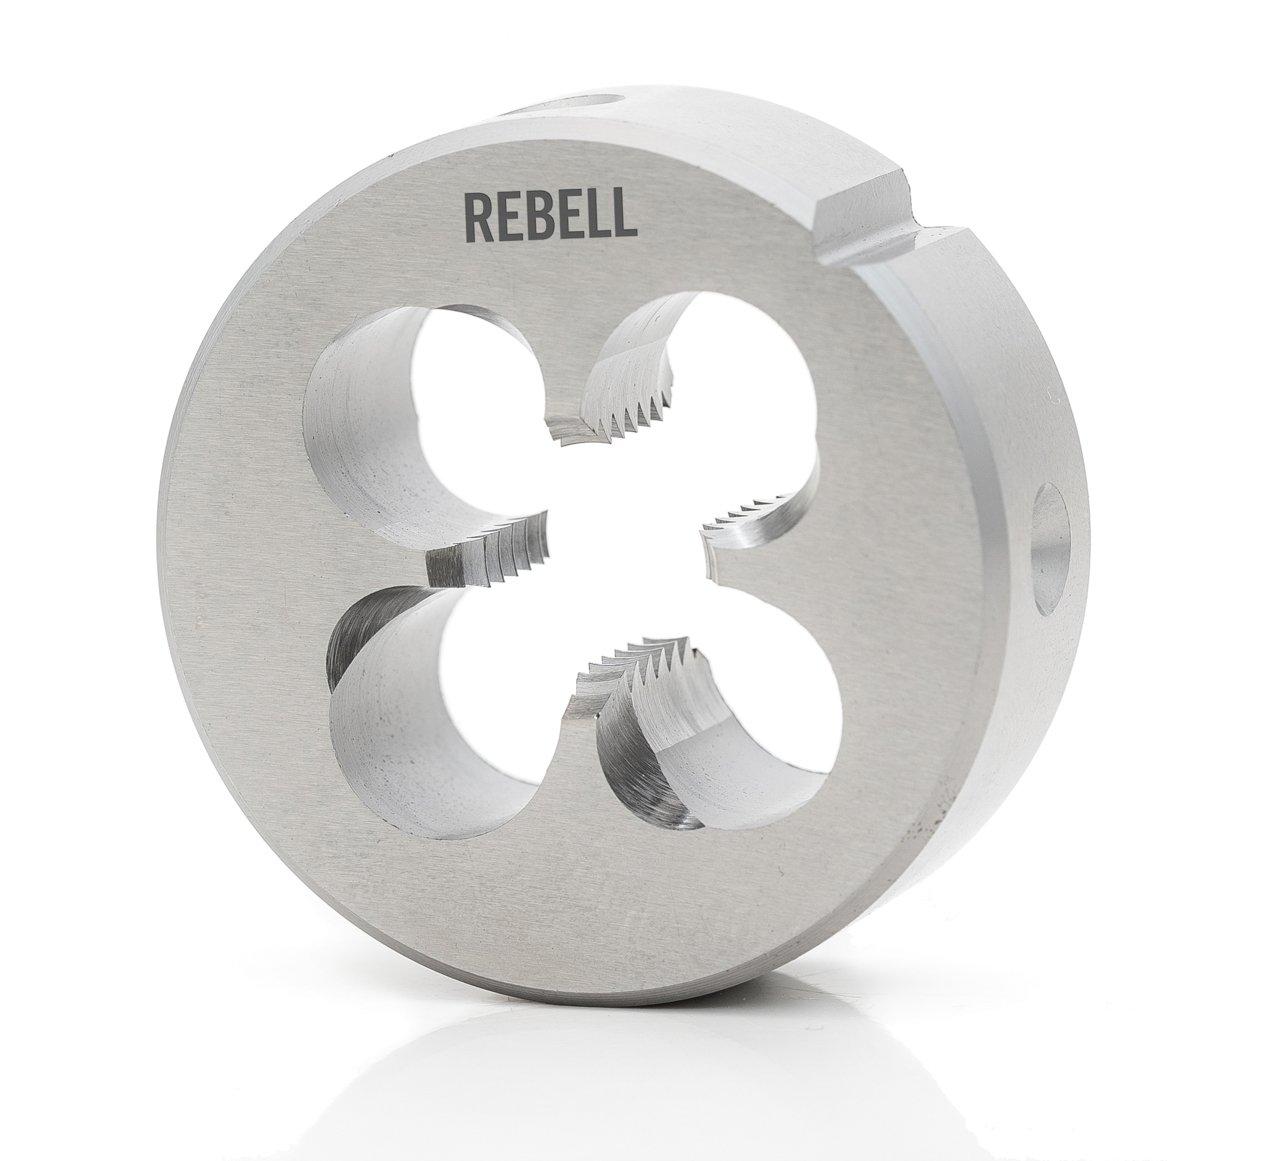 REBELL Schneideisen M RH 6h HSS - EN 22568 - Typ N